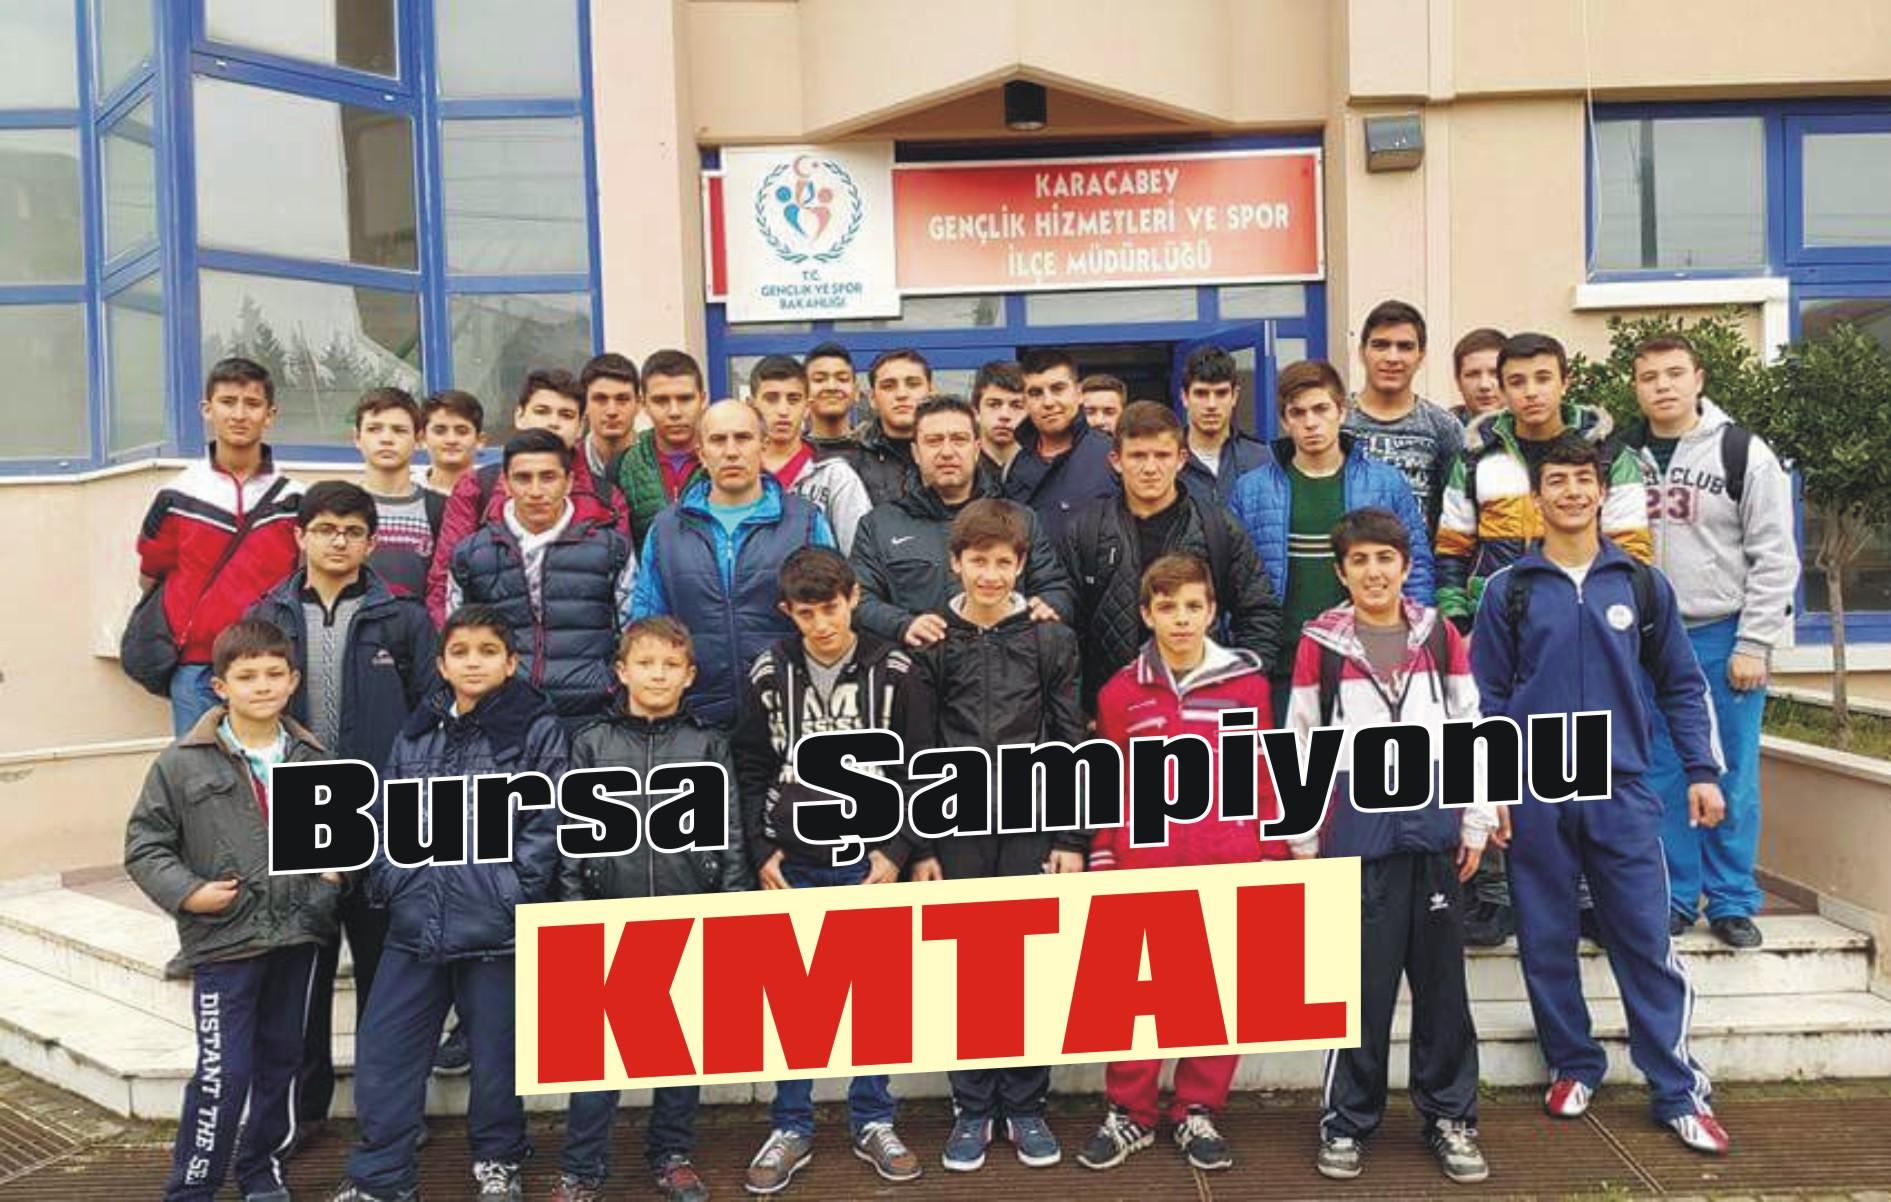 Güreşte Bursa şampiyonu KMTAL